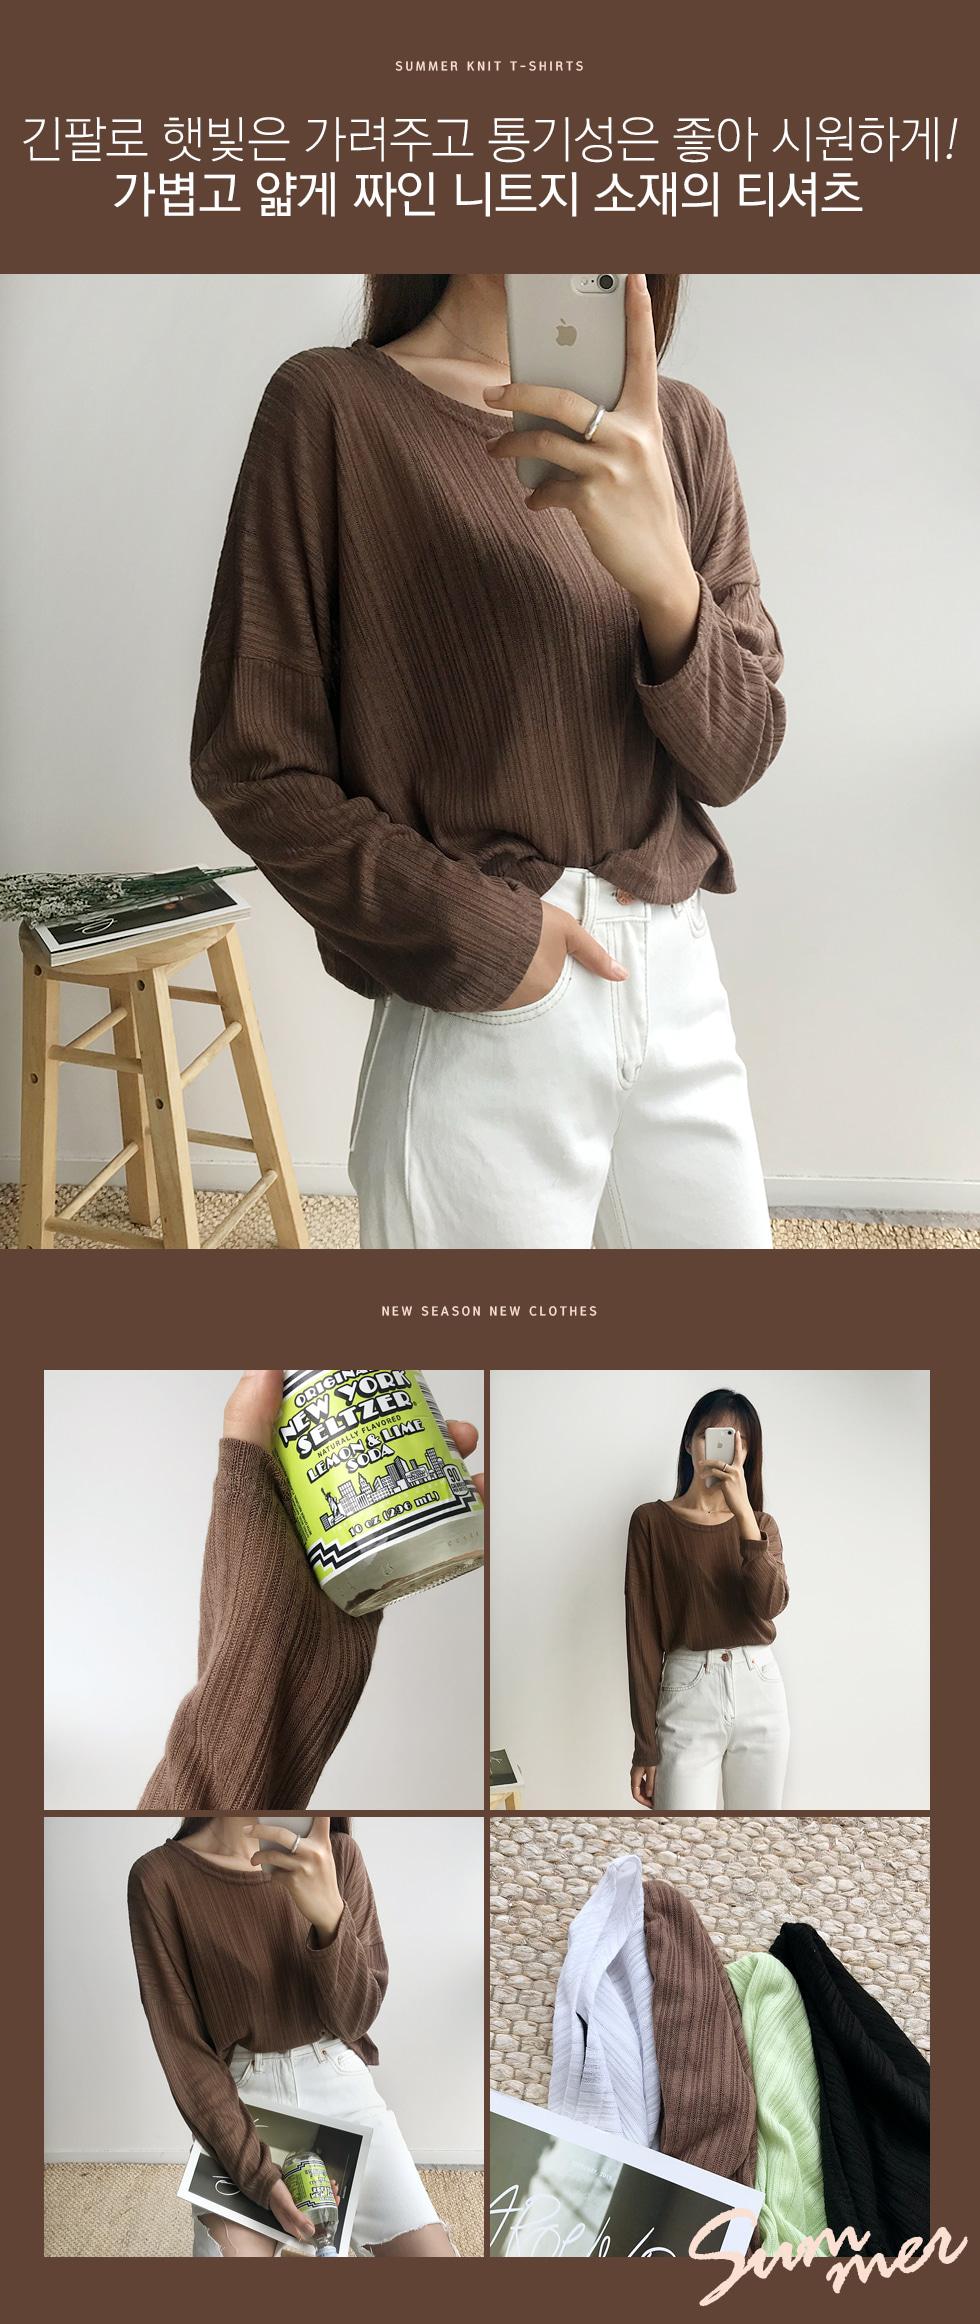 Summer Long Sleeve Knitwear GT